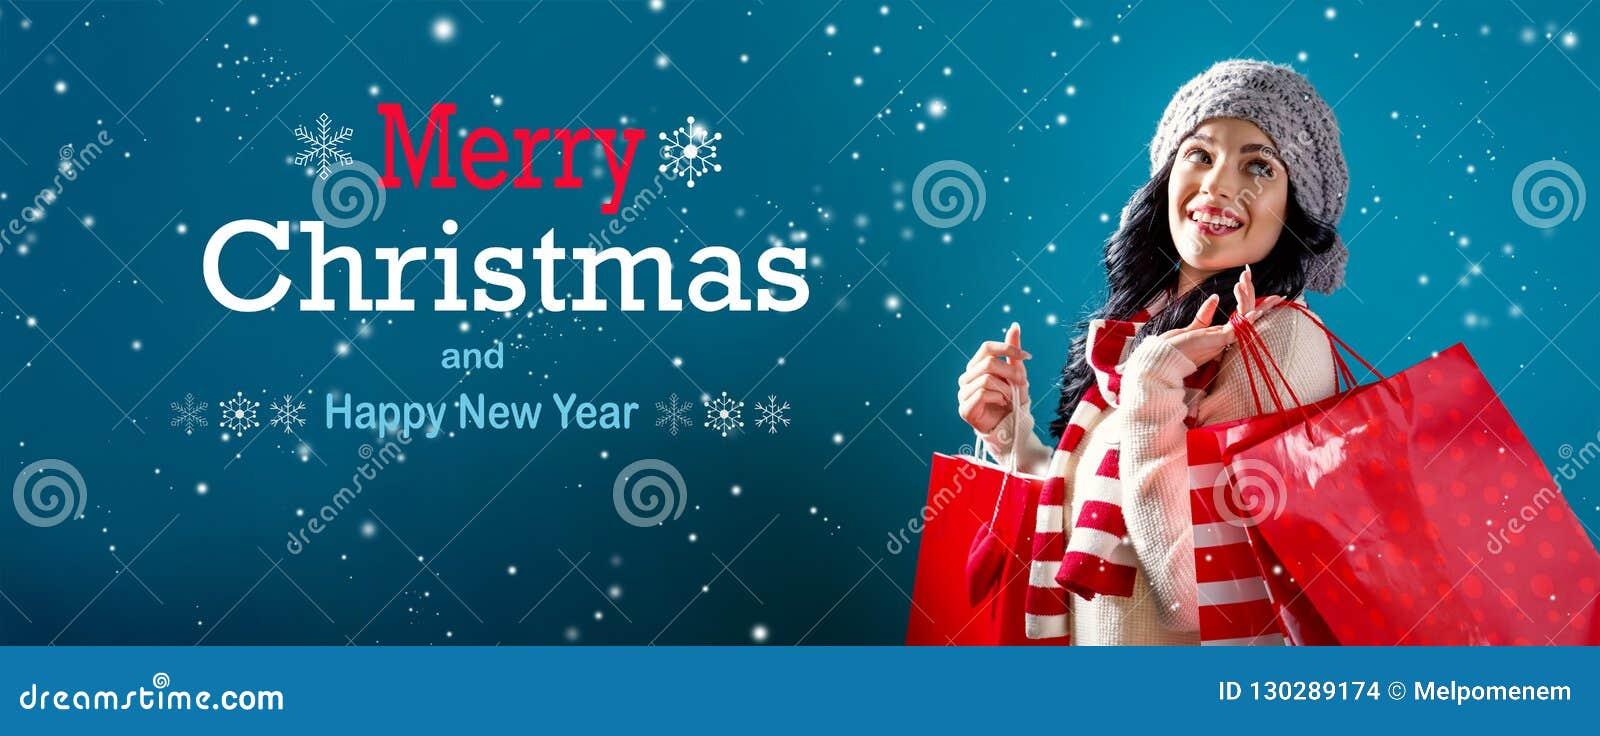 Веселое рождество и С Новым Годом! сообщение с женщиной держа хозяйственные сумки